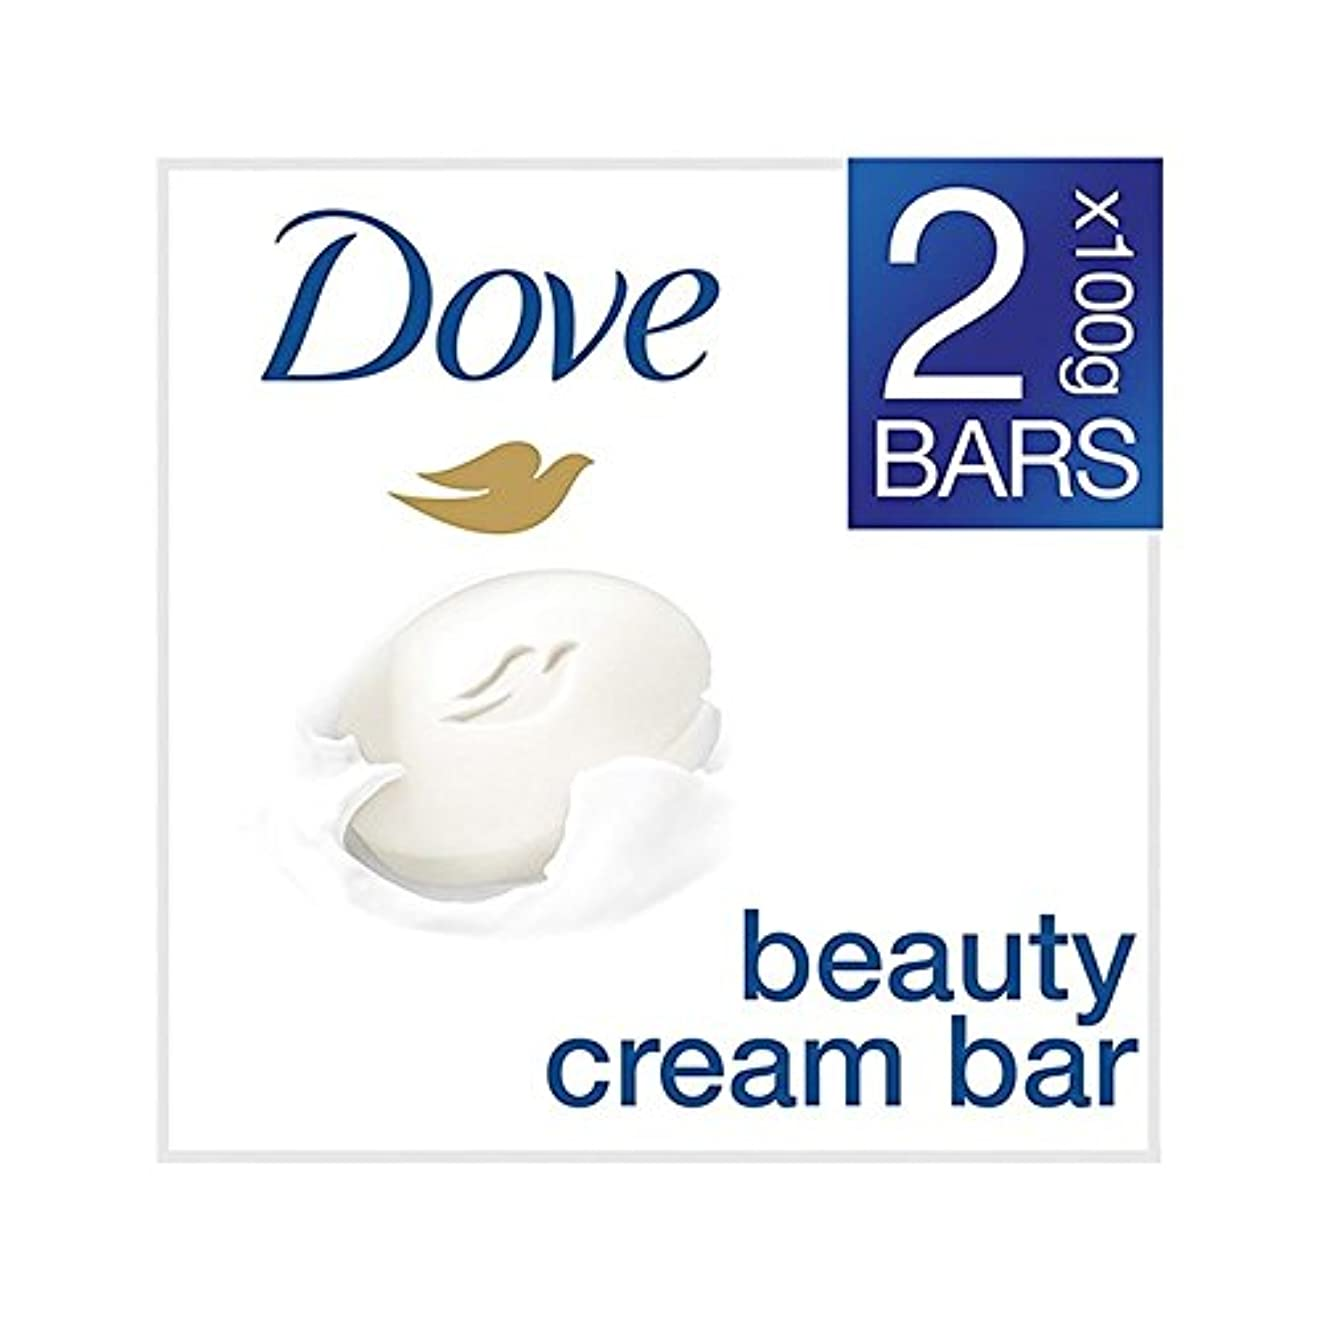 昼間割り当てる裁判官[Dove ] 鳩の美容クリームバーオリジナルの2×100グラム - Dove Beauty Cream Bar Original 2 x 100g [並行輸入品]